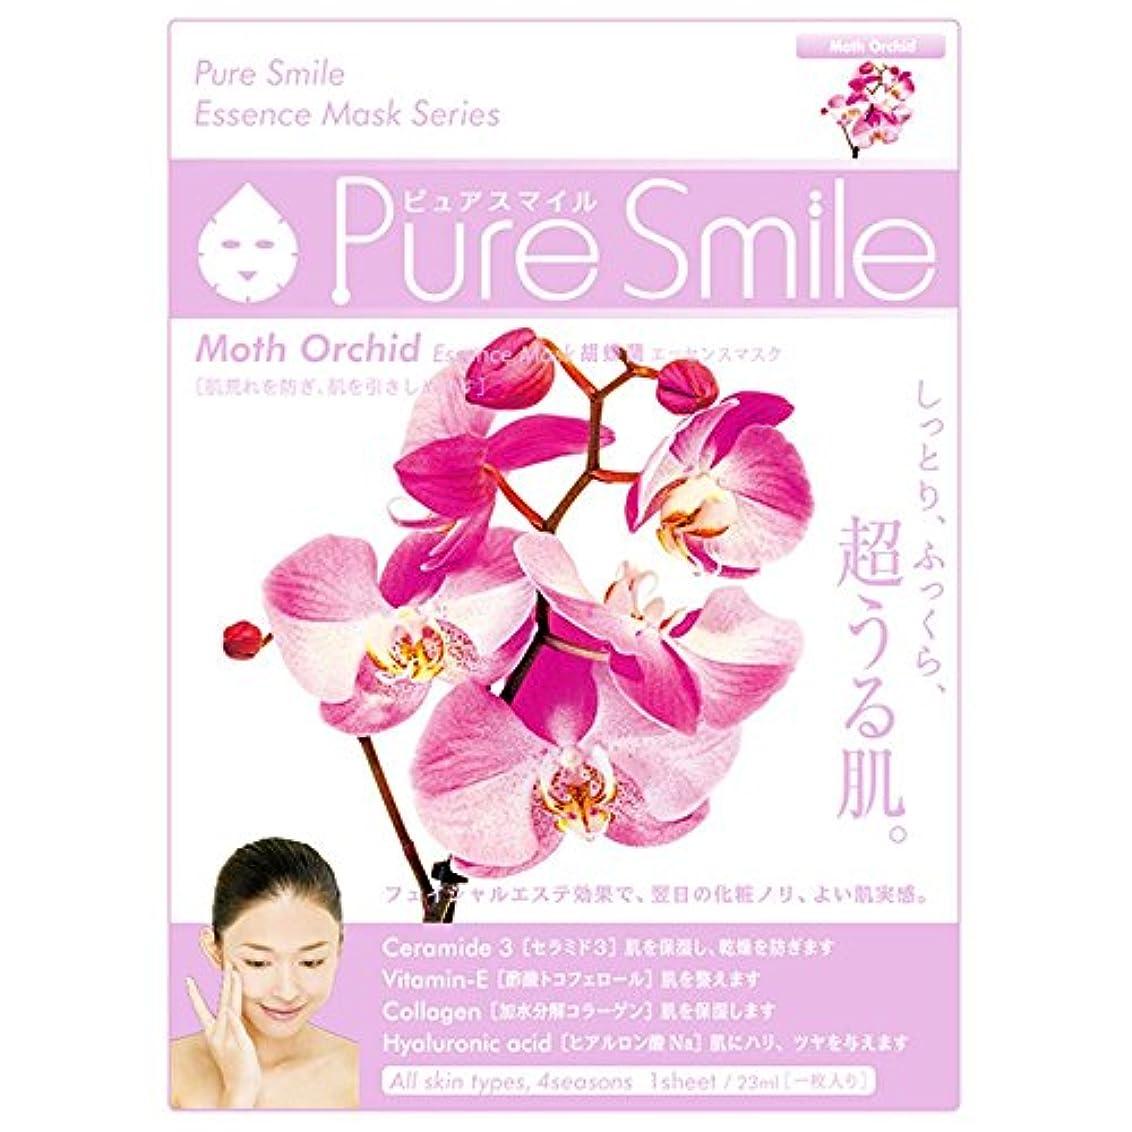 居間ワーカーの面ではPure Smile/ピュアスマイル エッセンス/フェイスマスク 『Moth Orchid/胡蝶蘭』